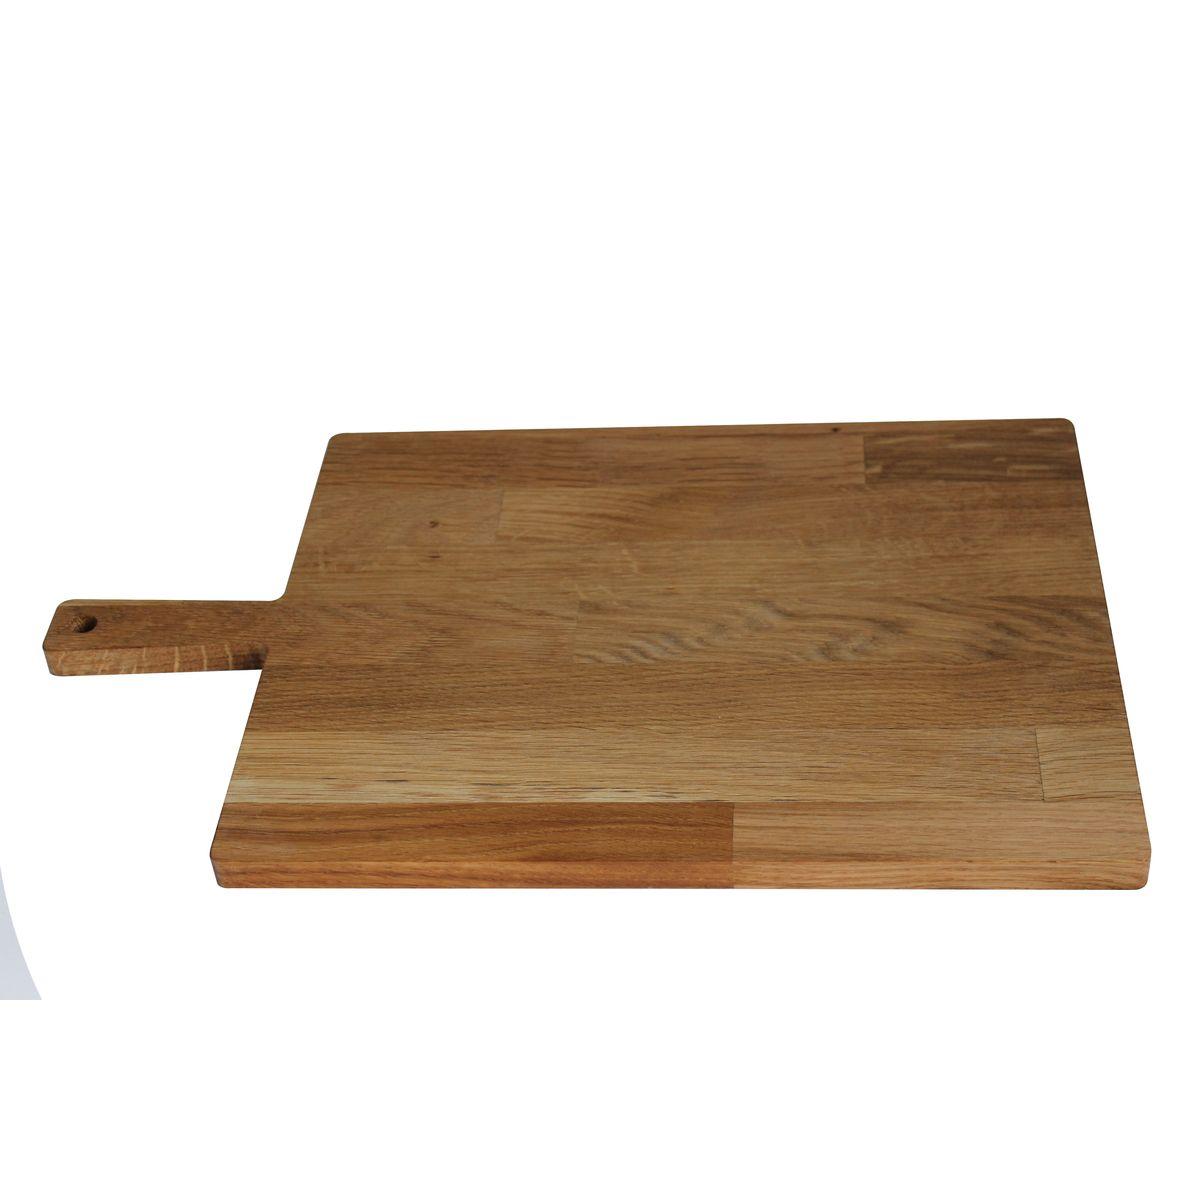 Planche à découper avec poignée chêne huilé 46 x 28,5 cm - Roger Orfevre